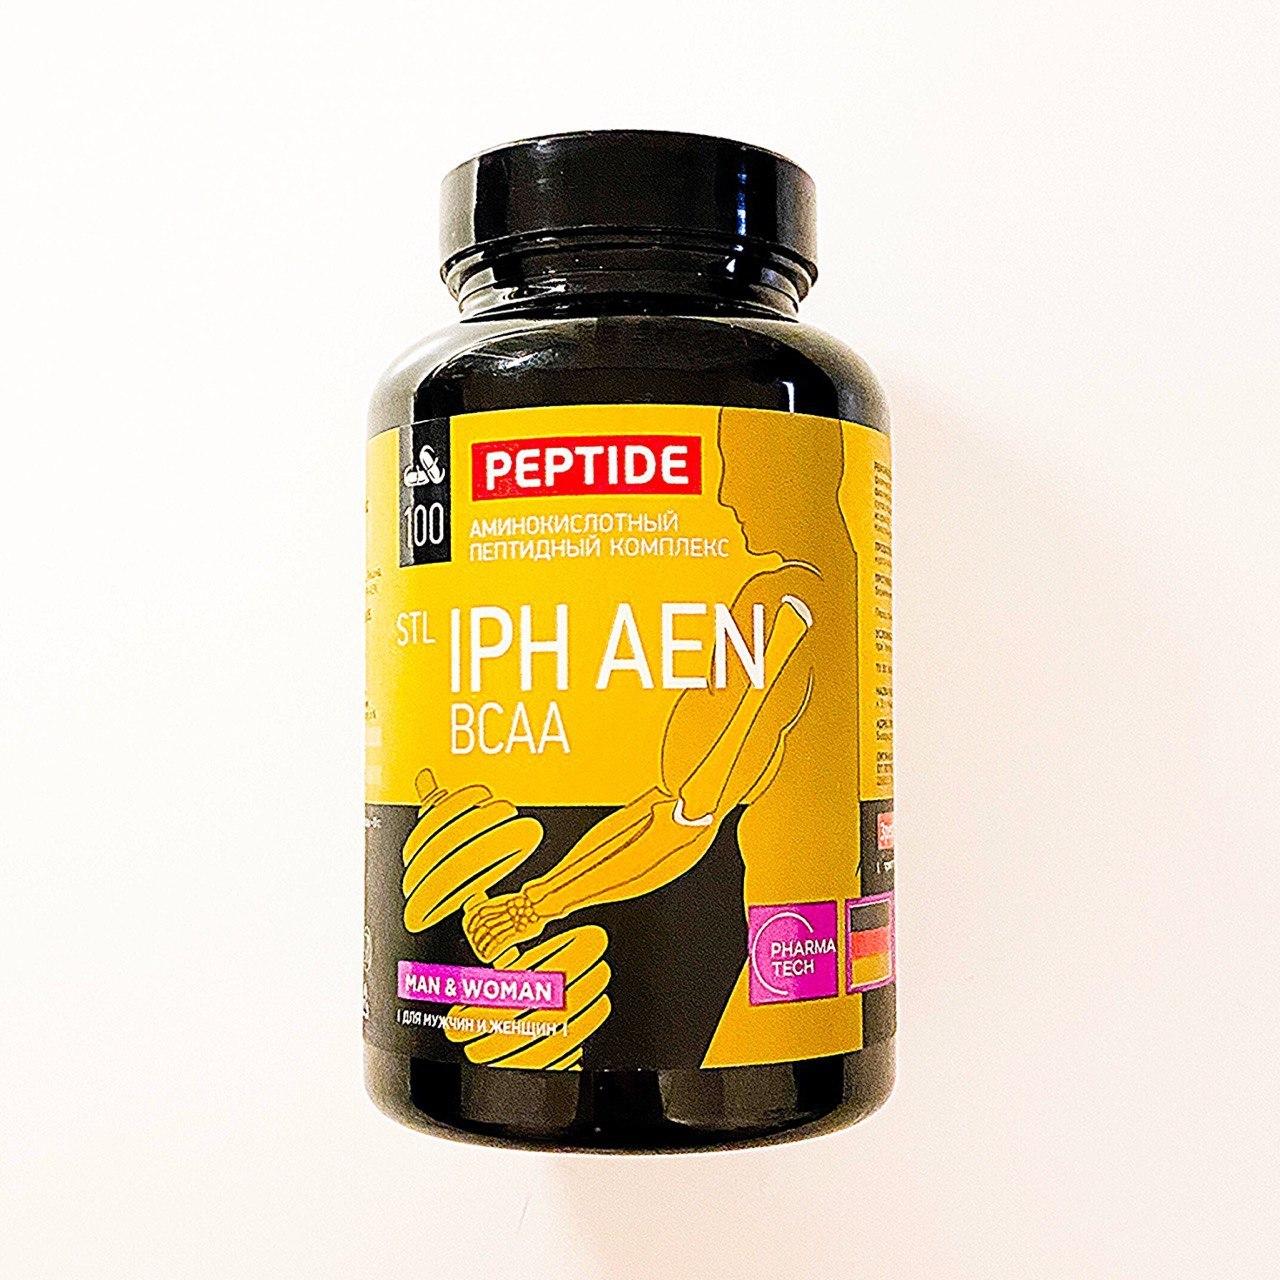 Аминокислотный пептидный комплекс BCAA IPH® AEN для хрящей